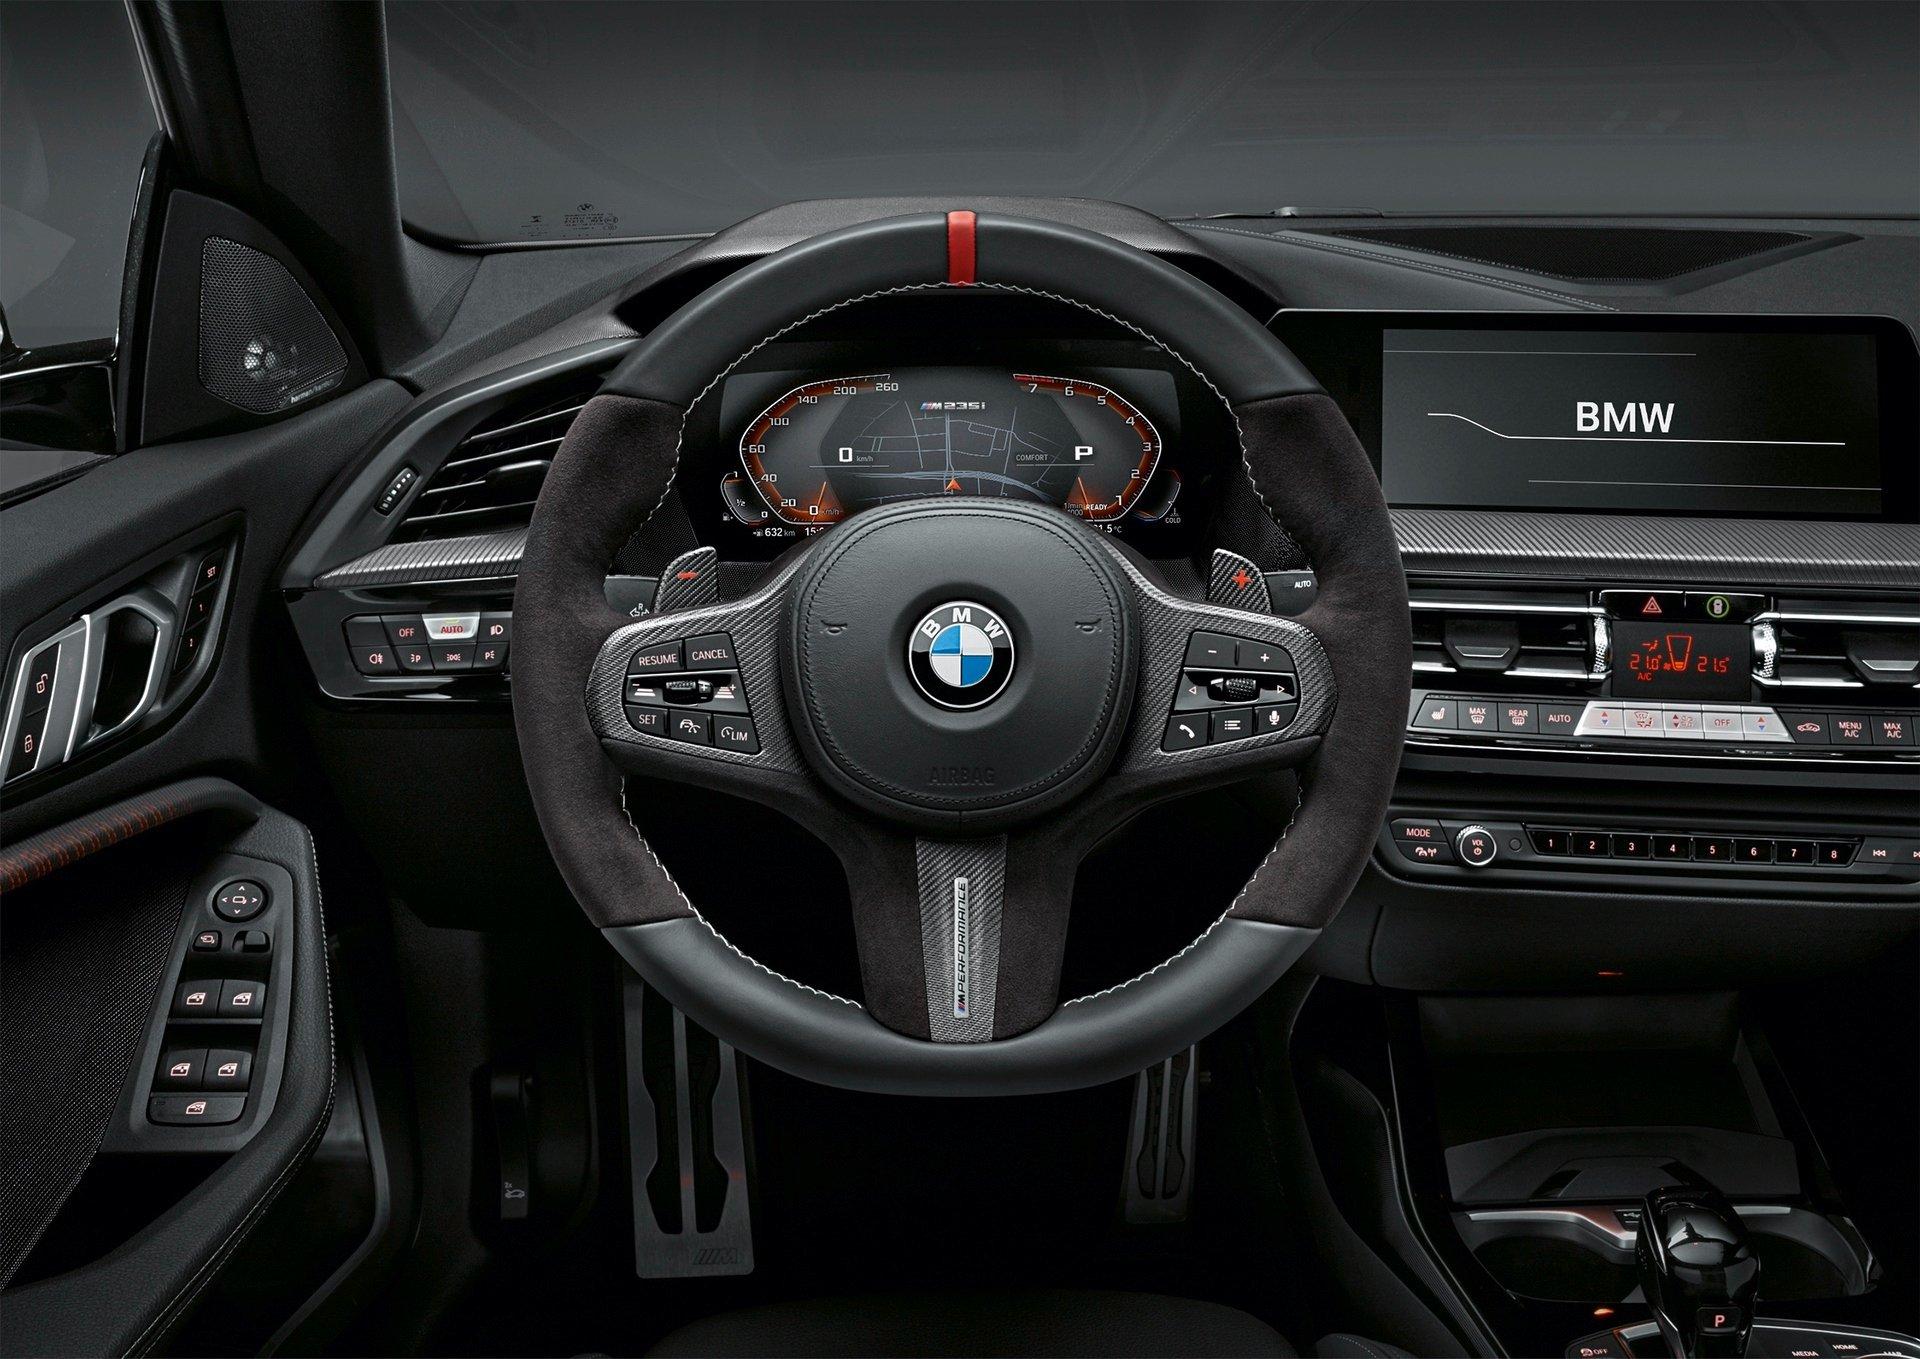 BMW M235i xDrive Gran Coupe Interior